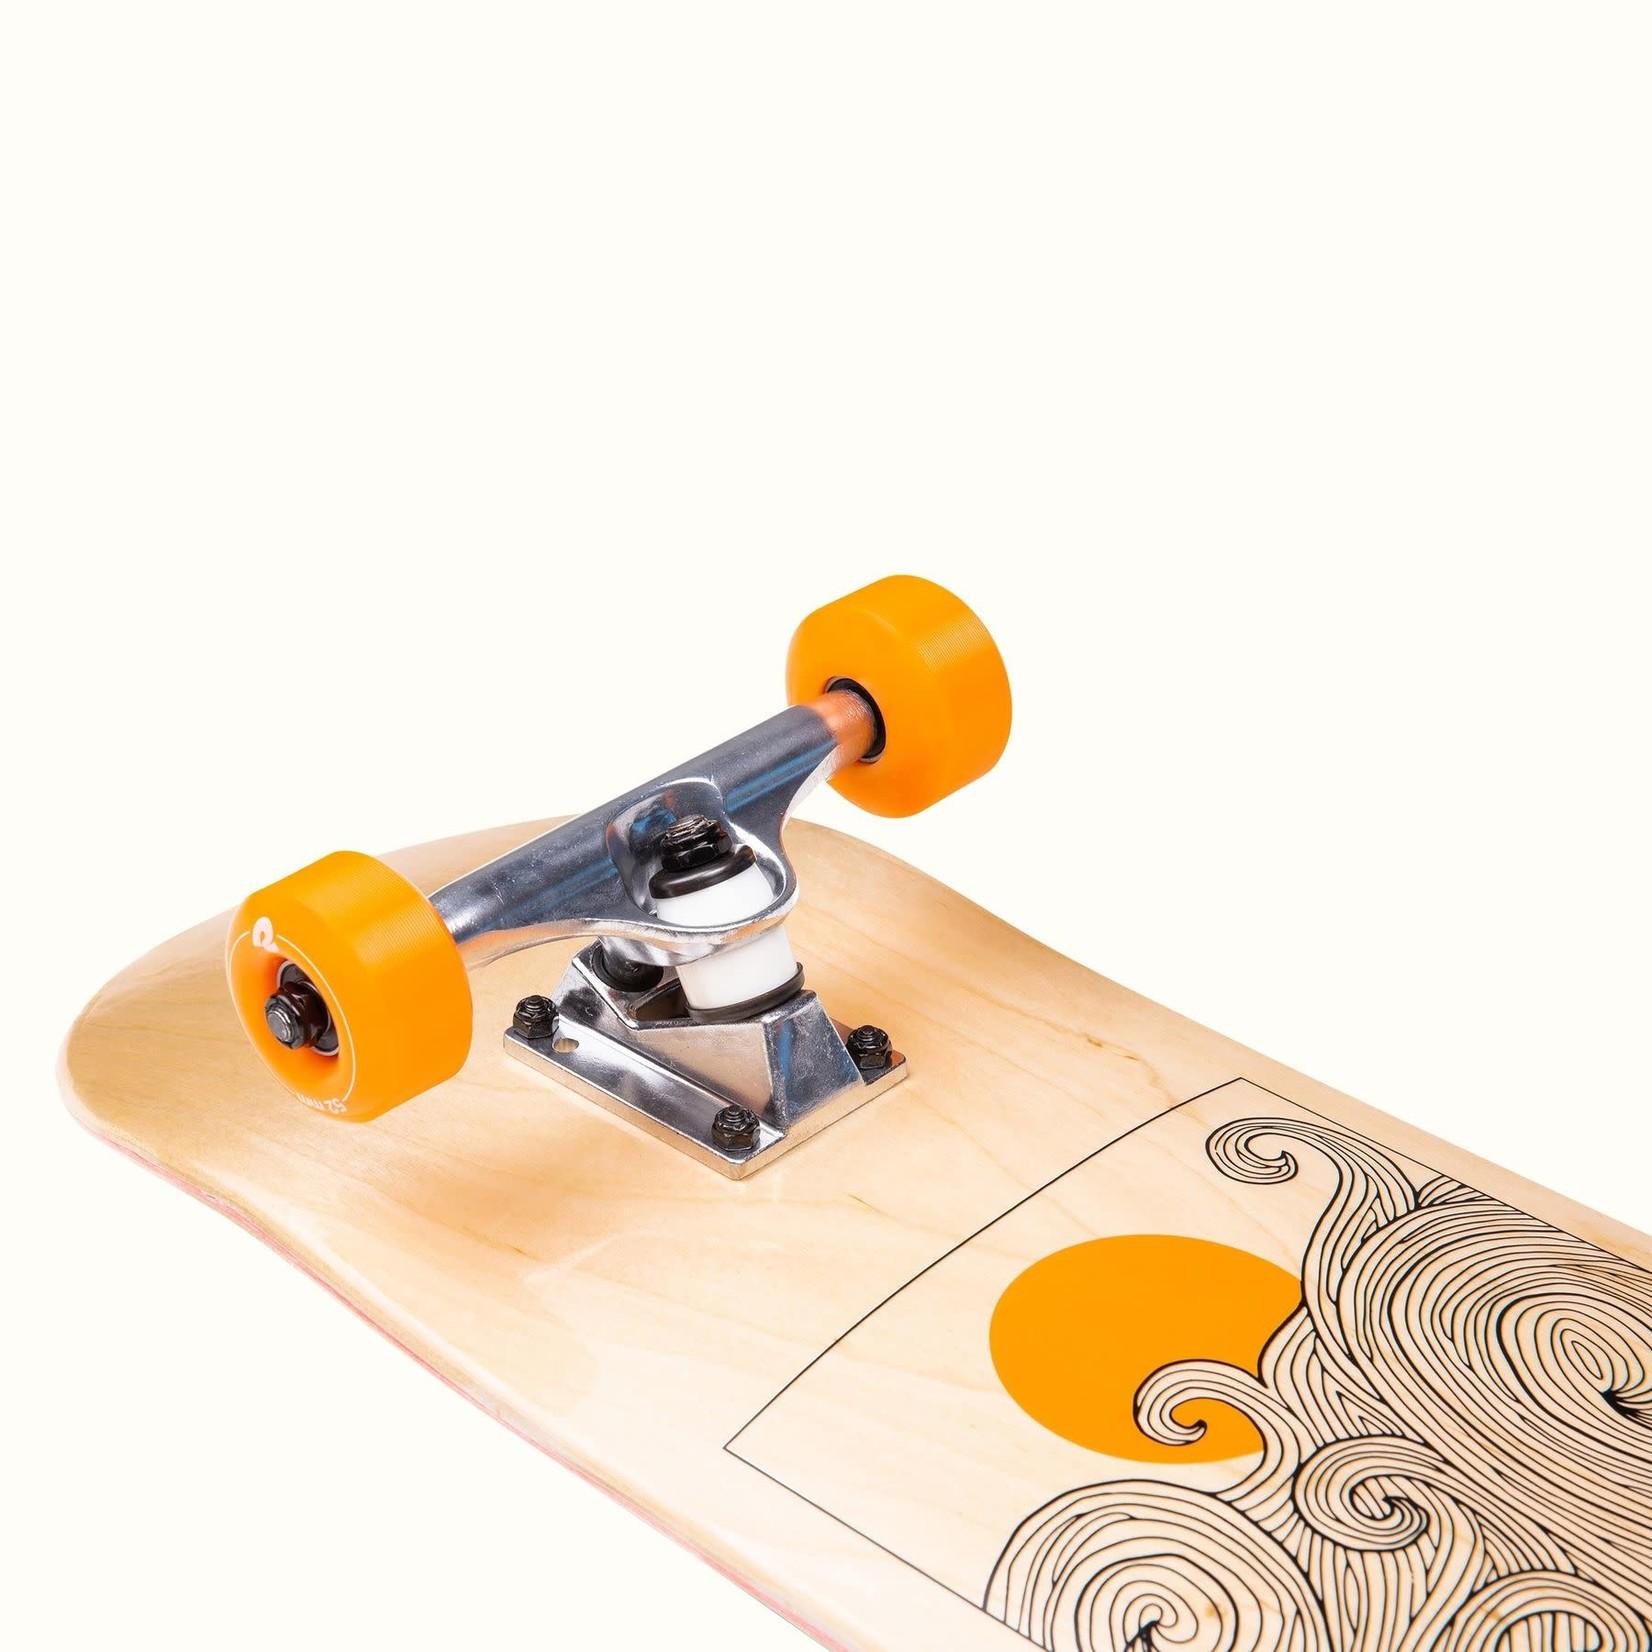 Retrospec Alameda Skateboard